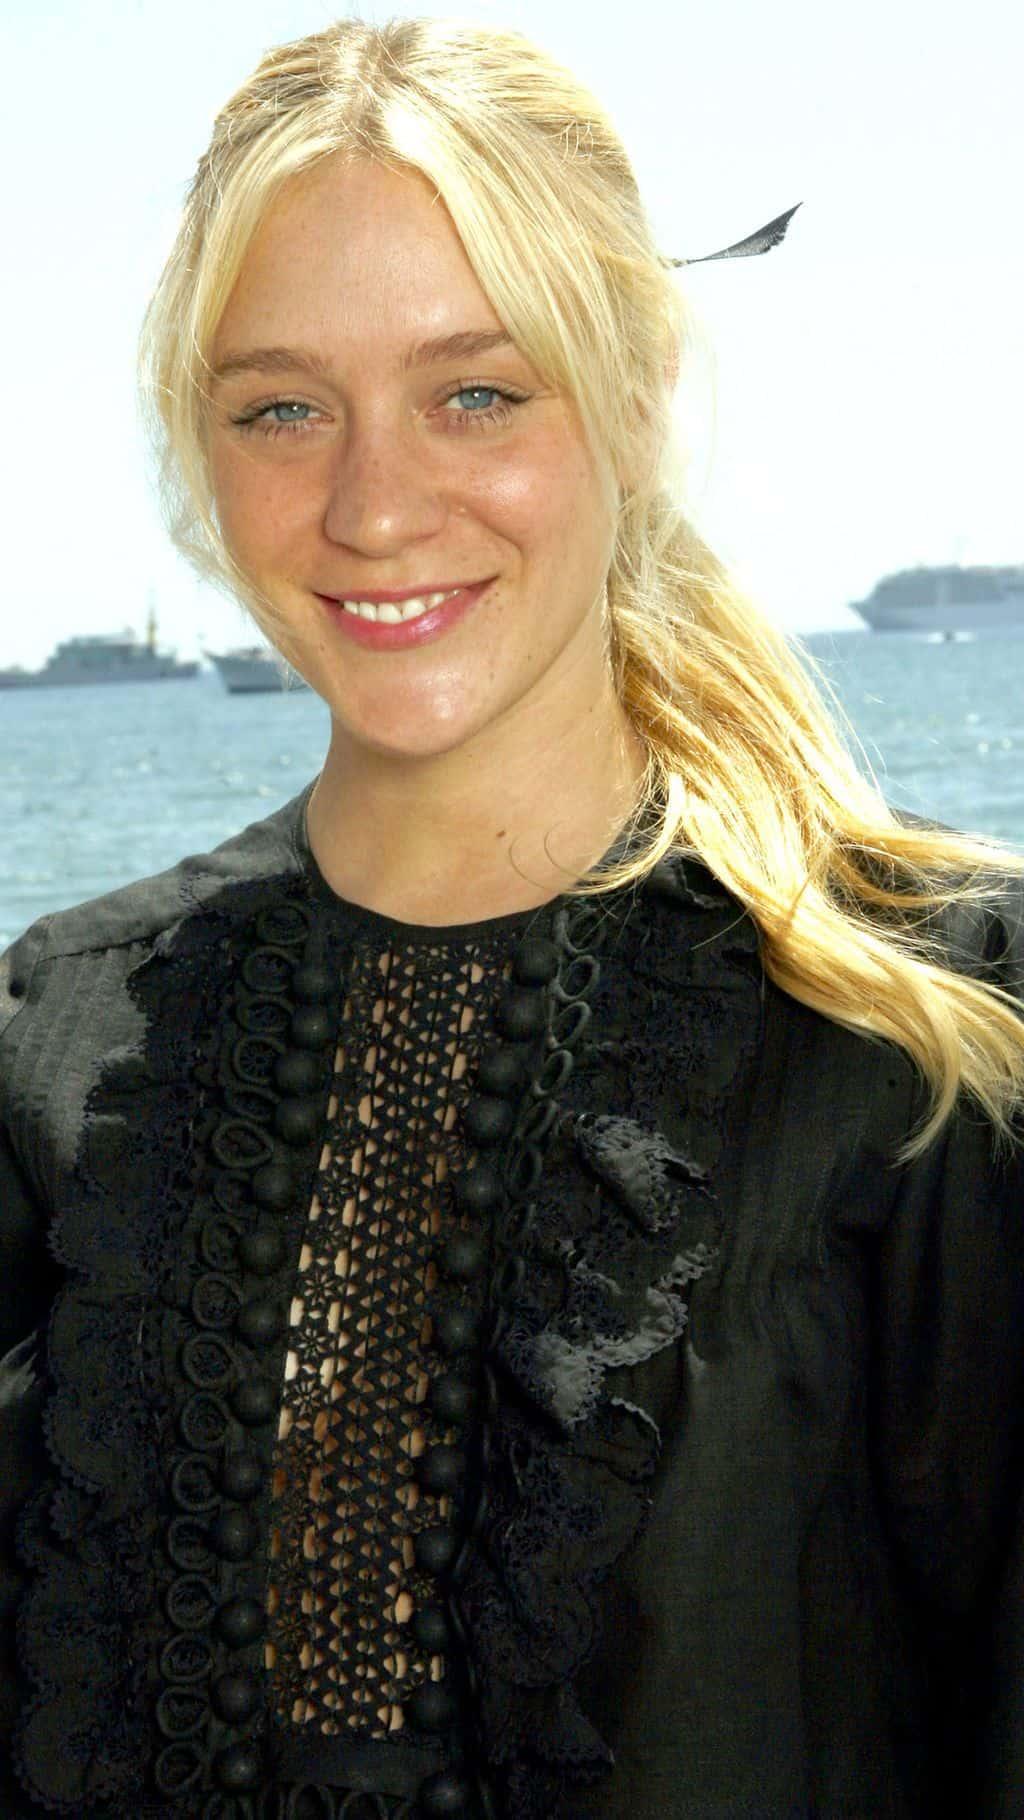 Chloe-Sevigny-in-2006